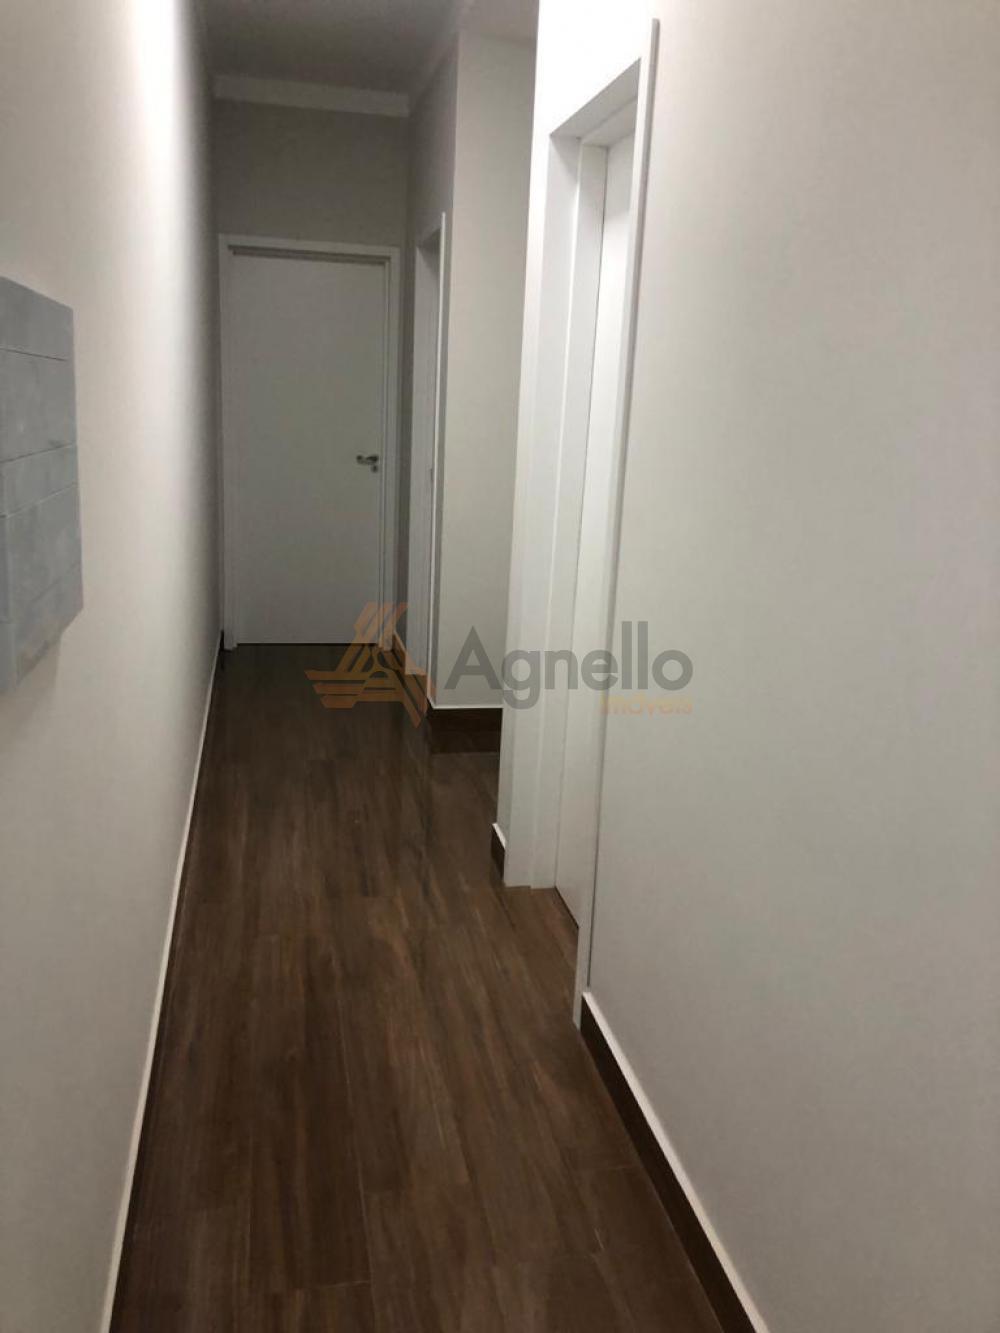 Comprar Apartamento / Cobertura em Franca apenas R$ 680.000,00 - Foto 4